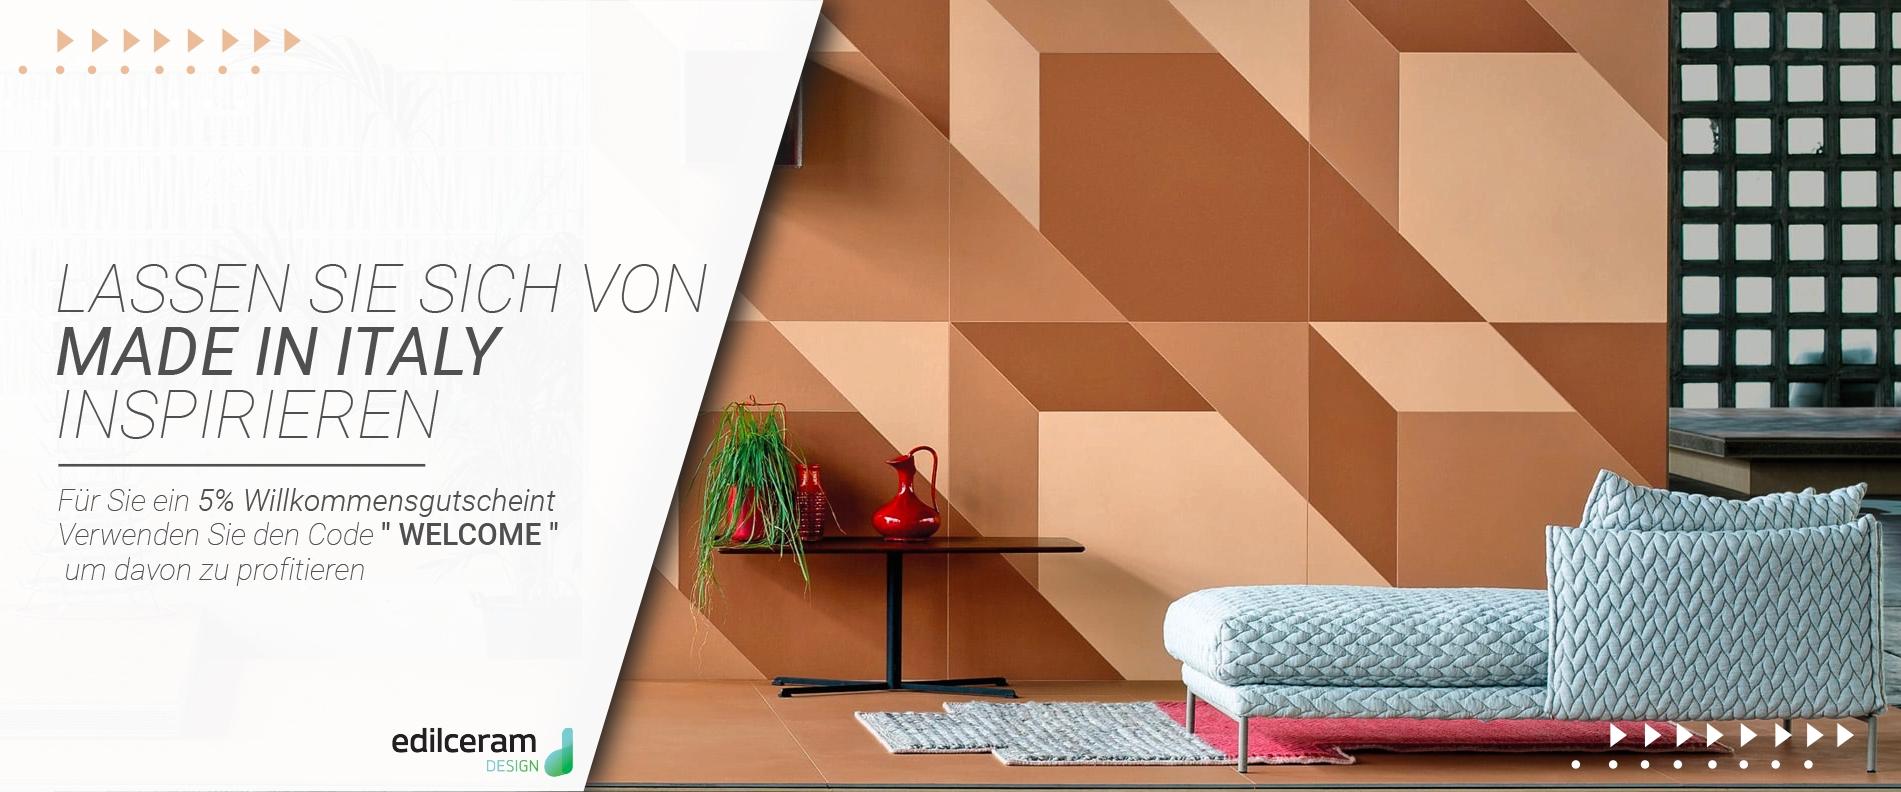 edilceram-design-online-furniture-store-made-in-italy